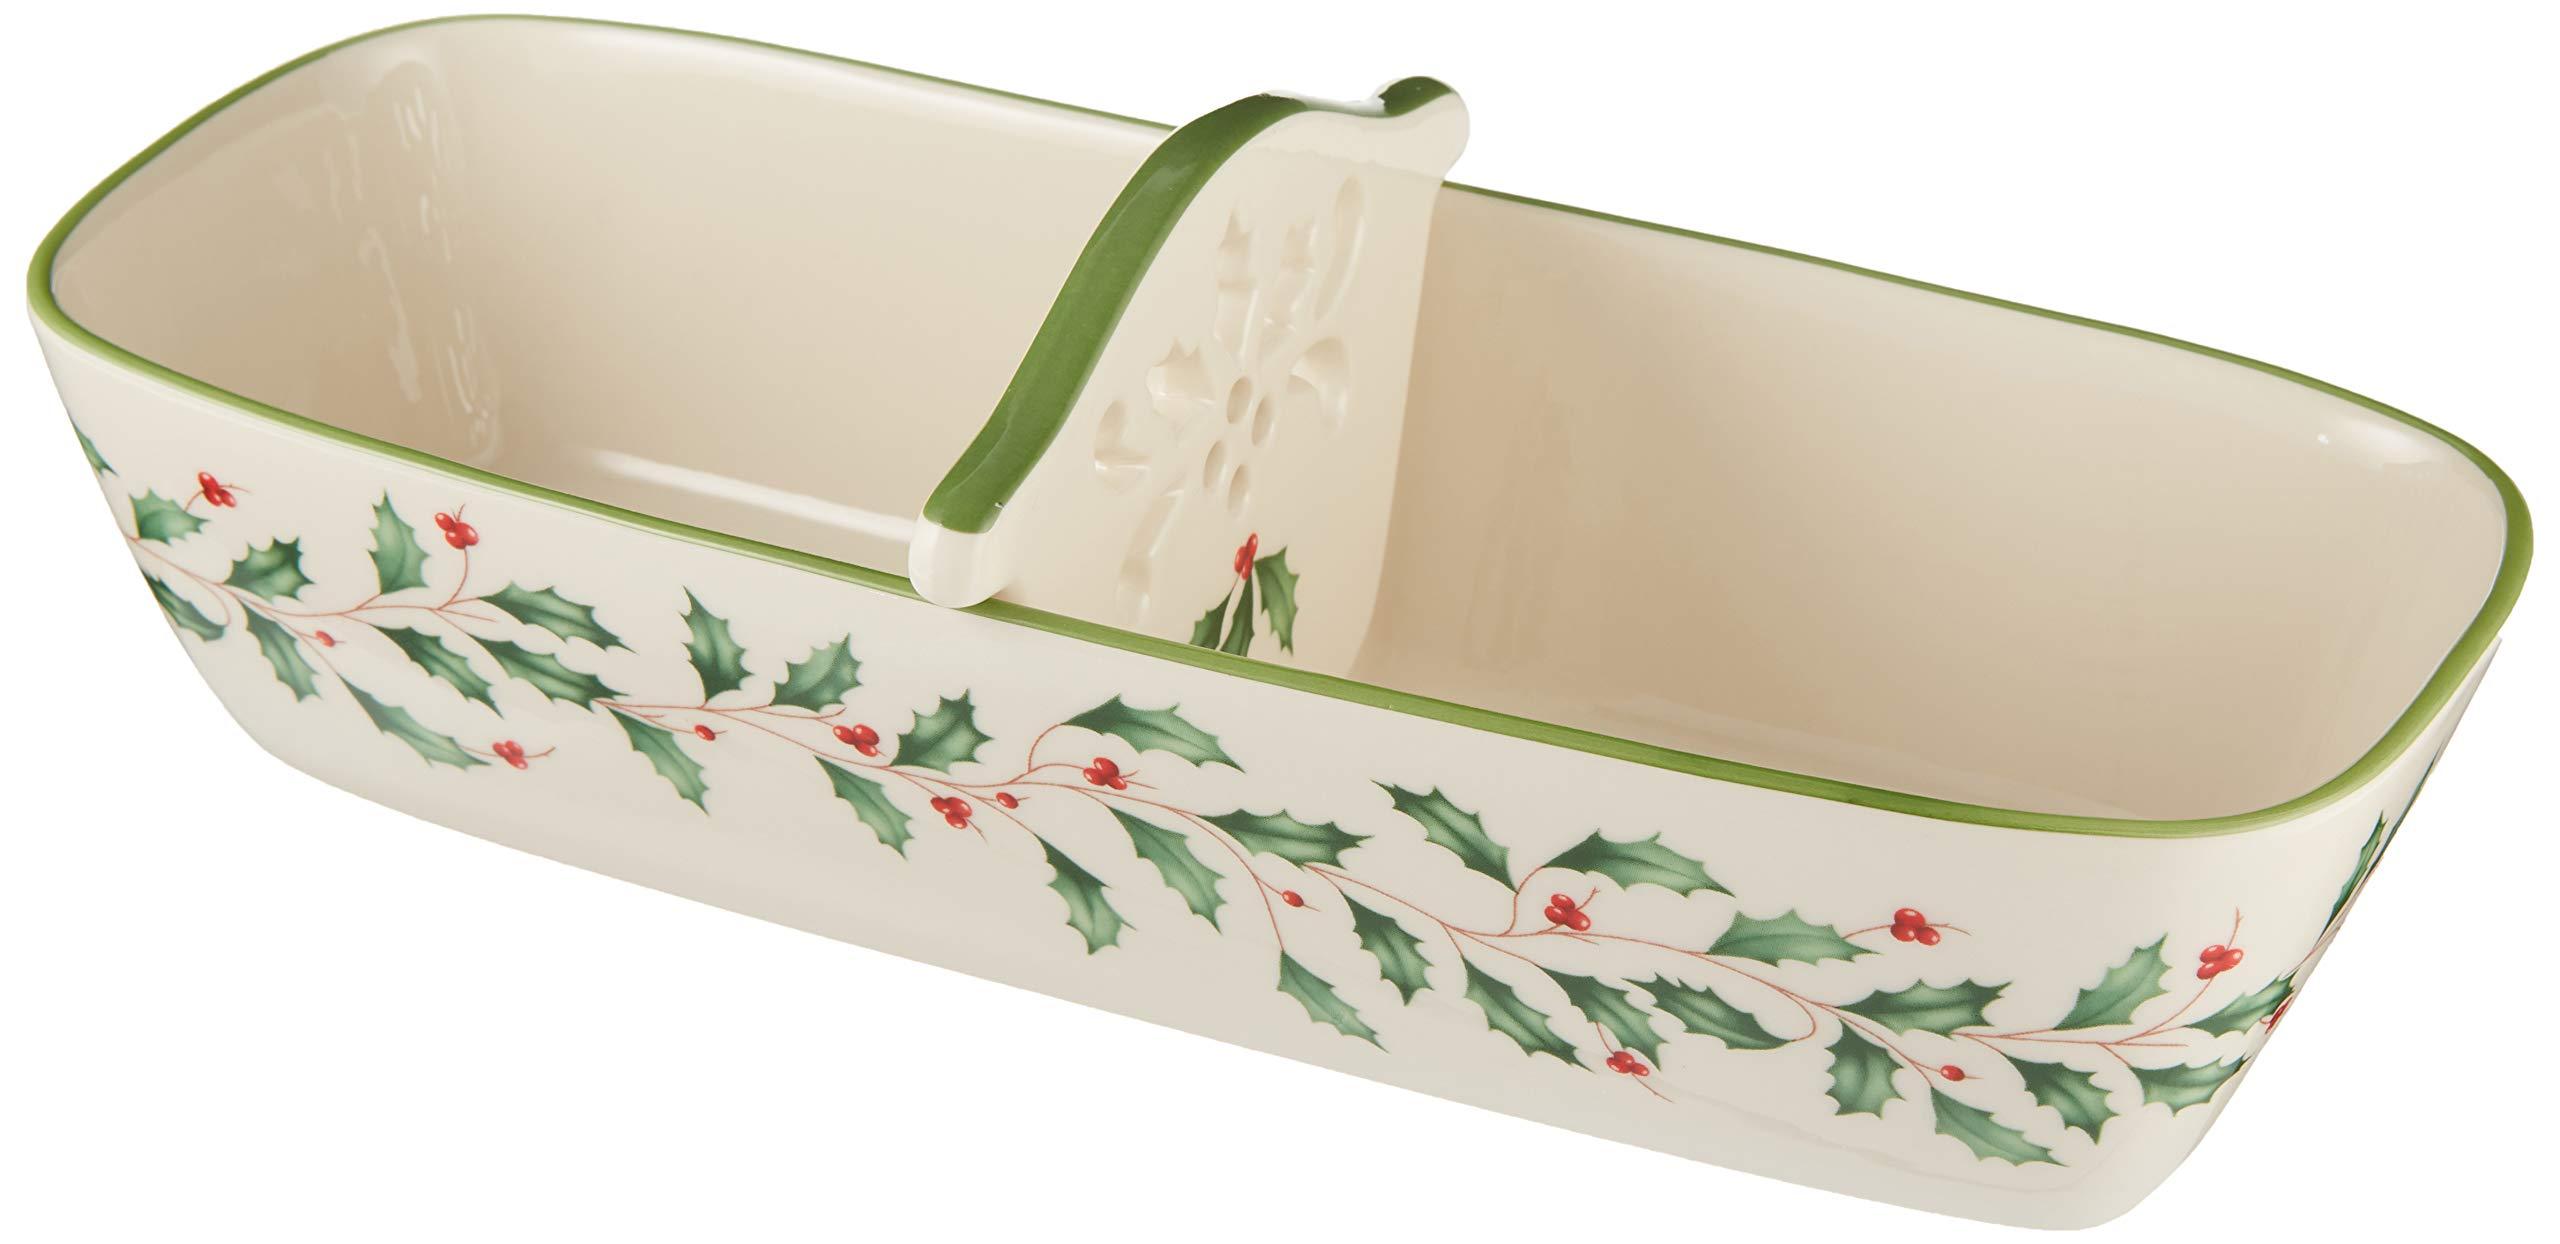 Lenox 879354 Hosting the Holidays Cracker Basket Multicolor